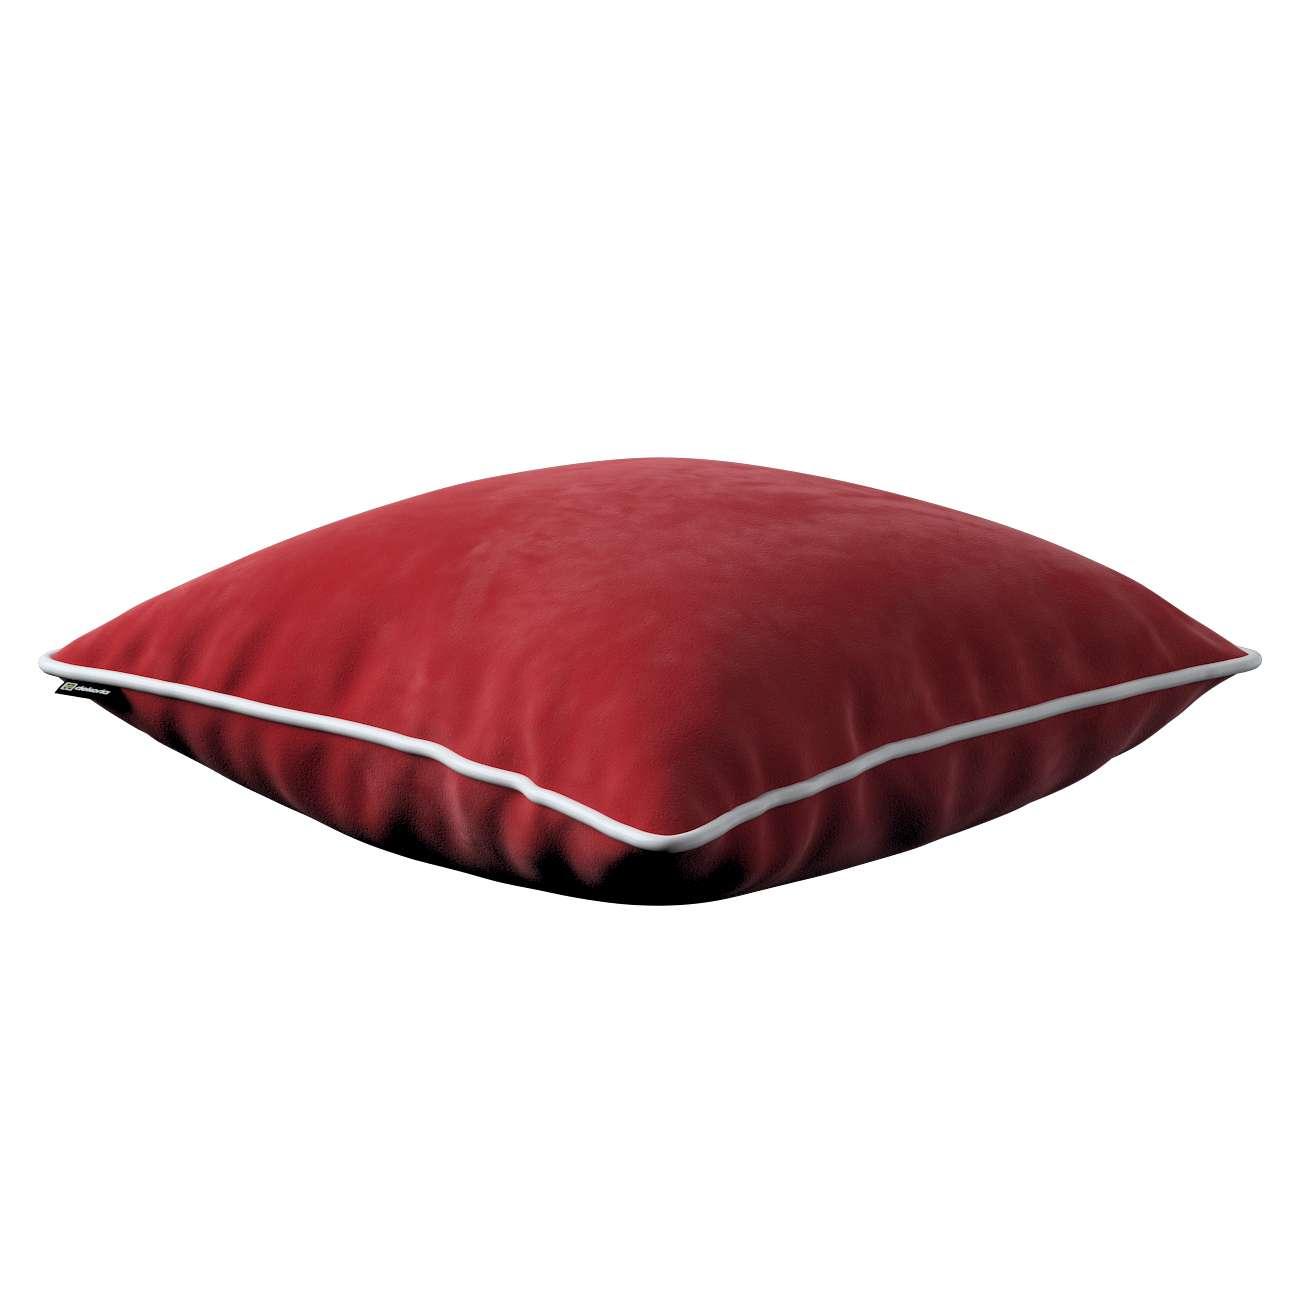 Poszewka Laura na poduszkę w kolekcji Velvet, tkanina: 704-15